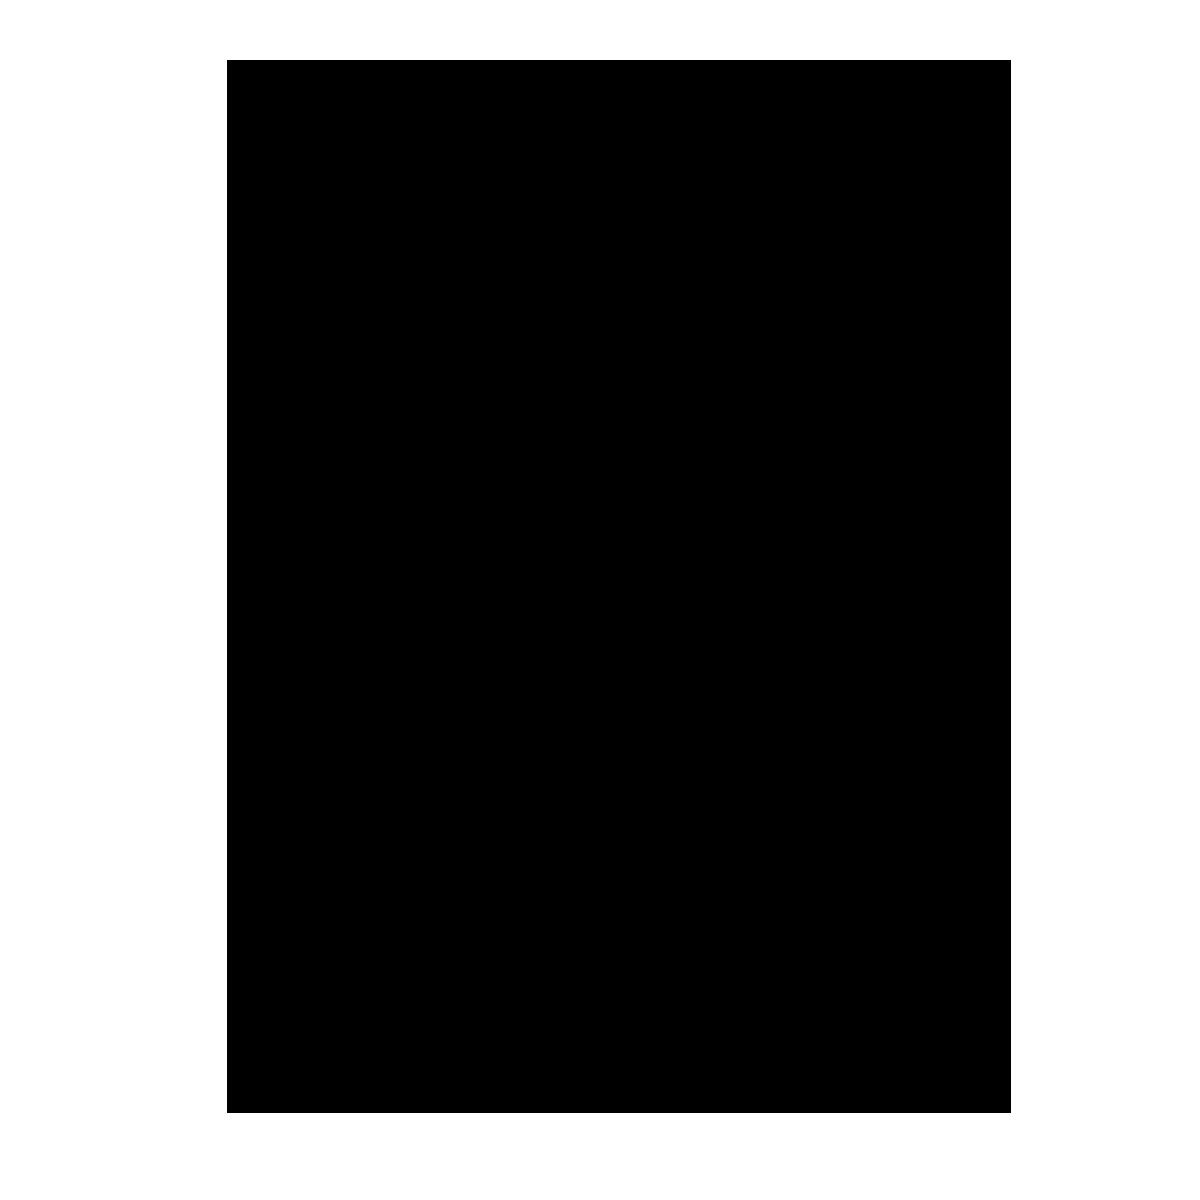 Illustrasjon: Hånd som viser tre fingre med tall over